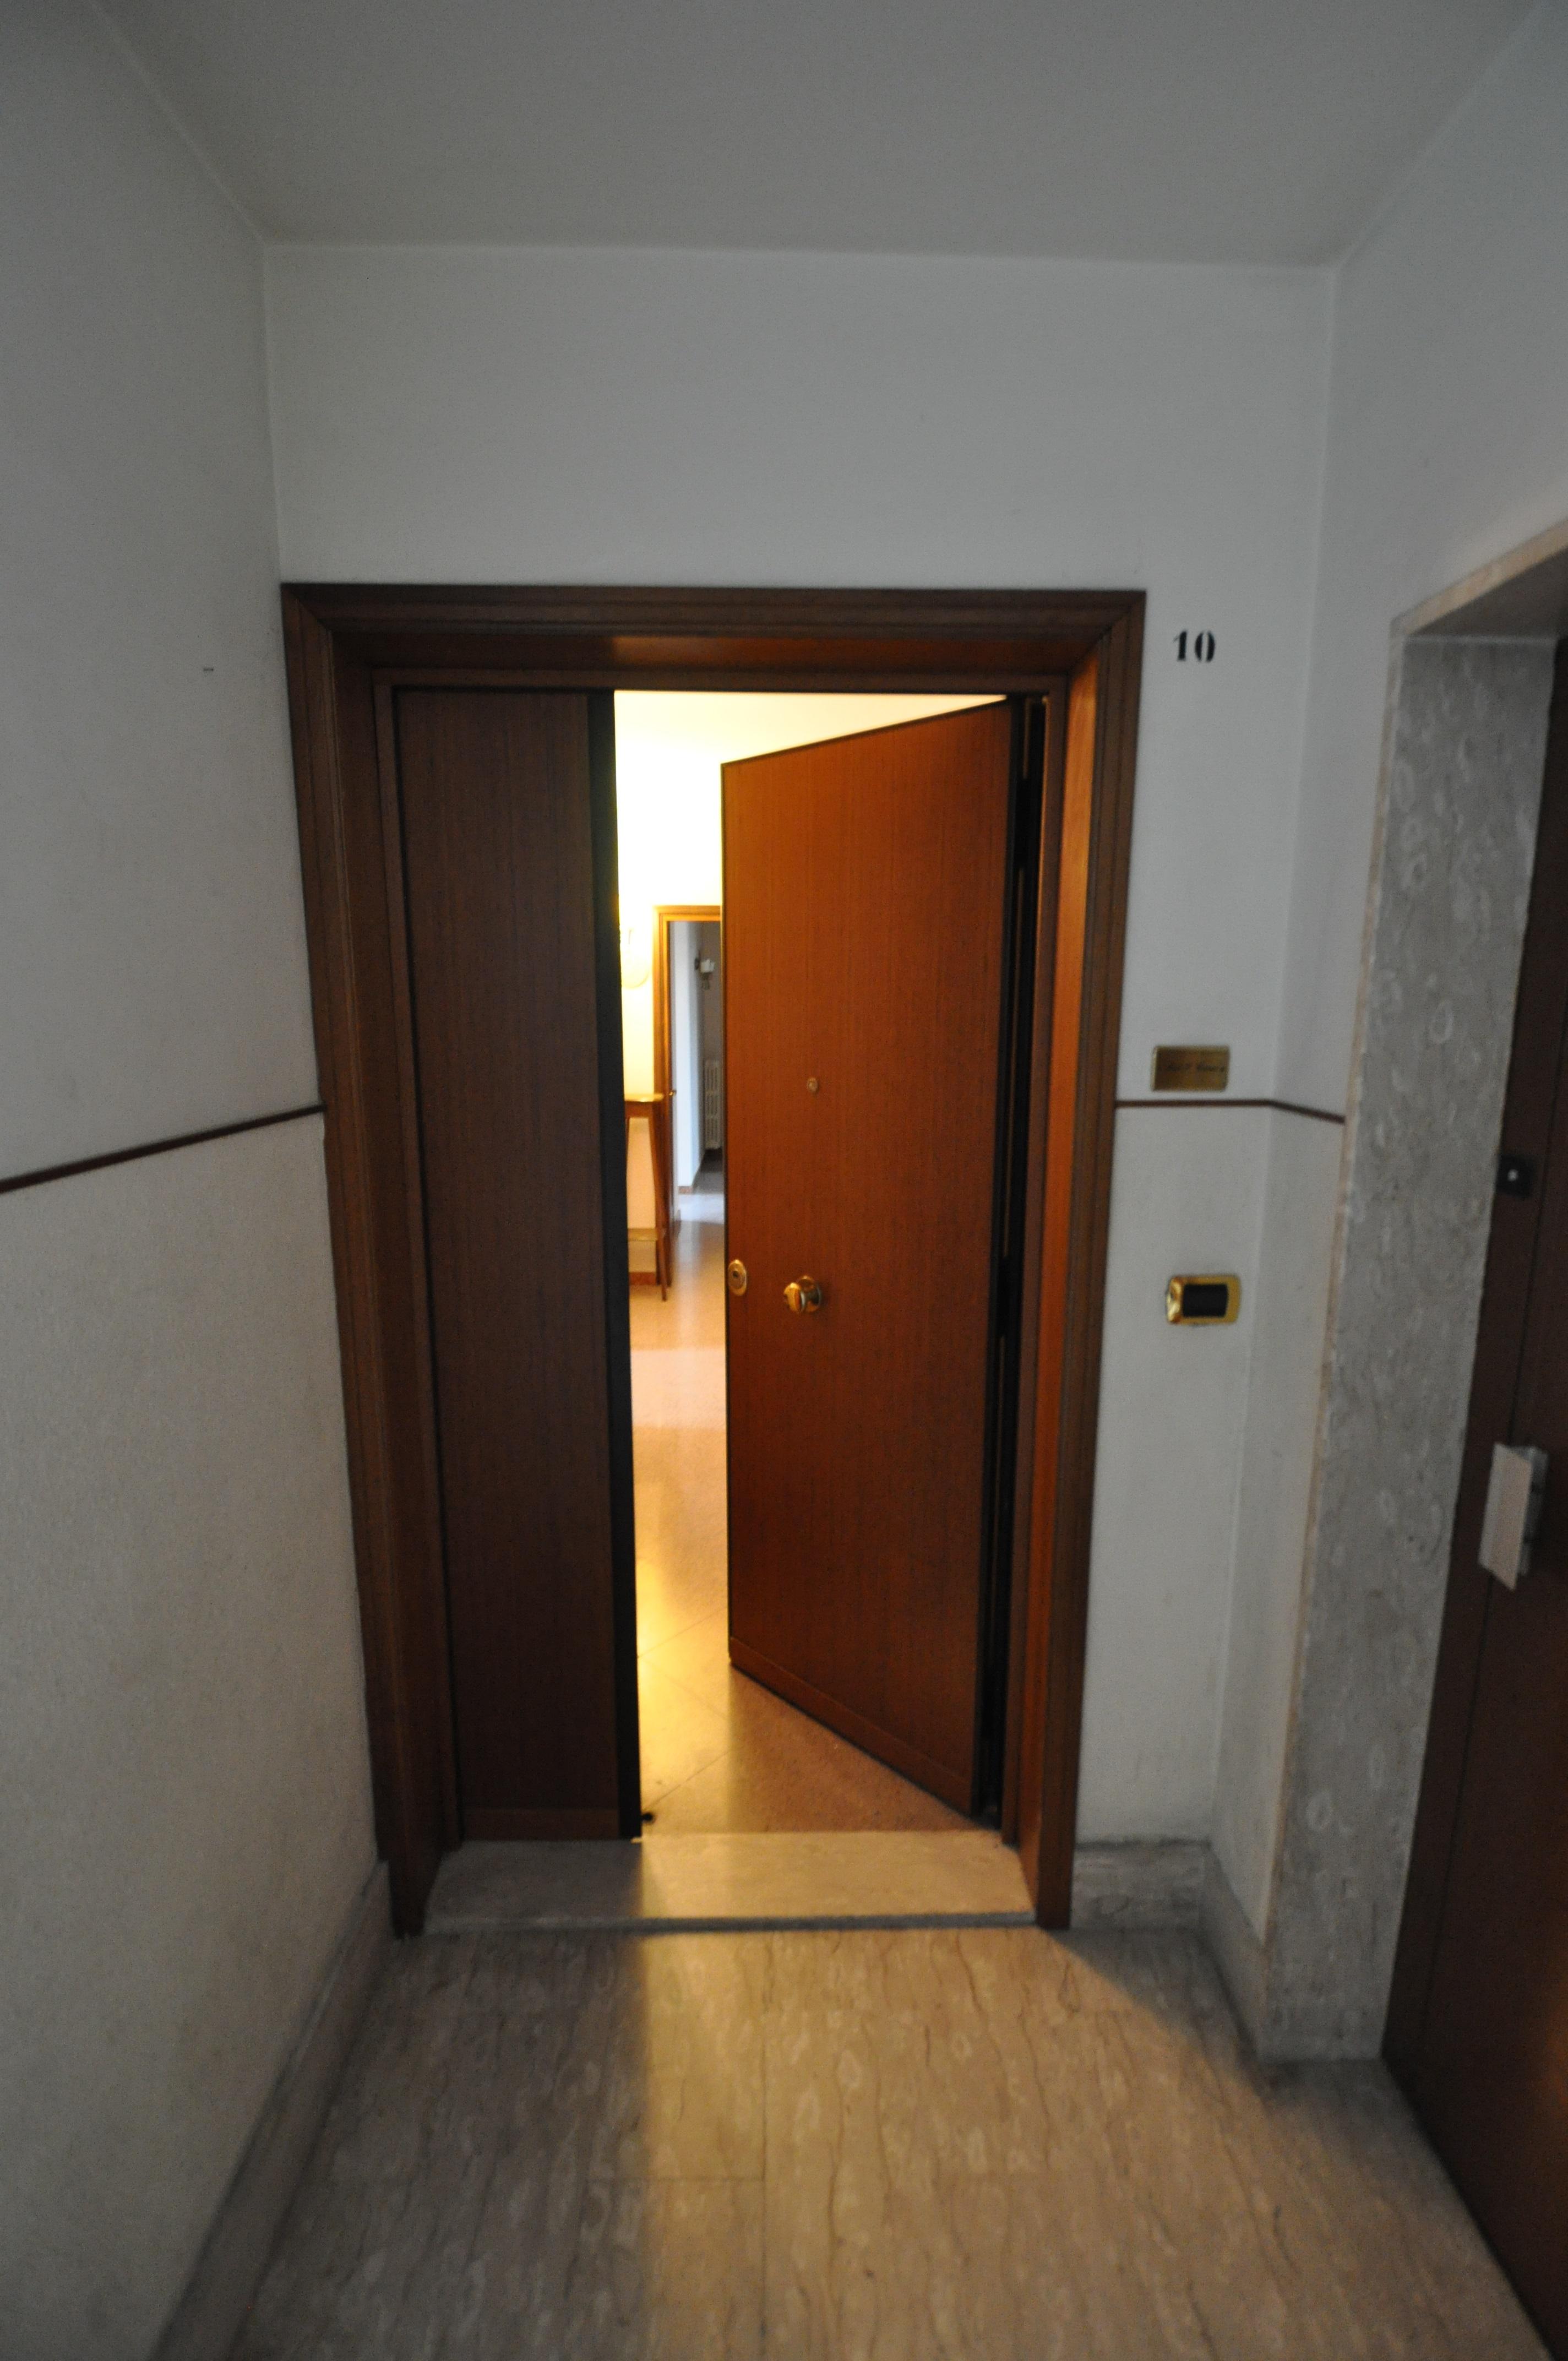 Agenzia Corso Immobiliare Bisceglie bisceglie (bt) in zona servita bellissimo appartamento